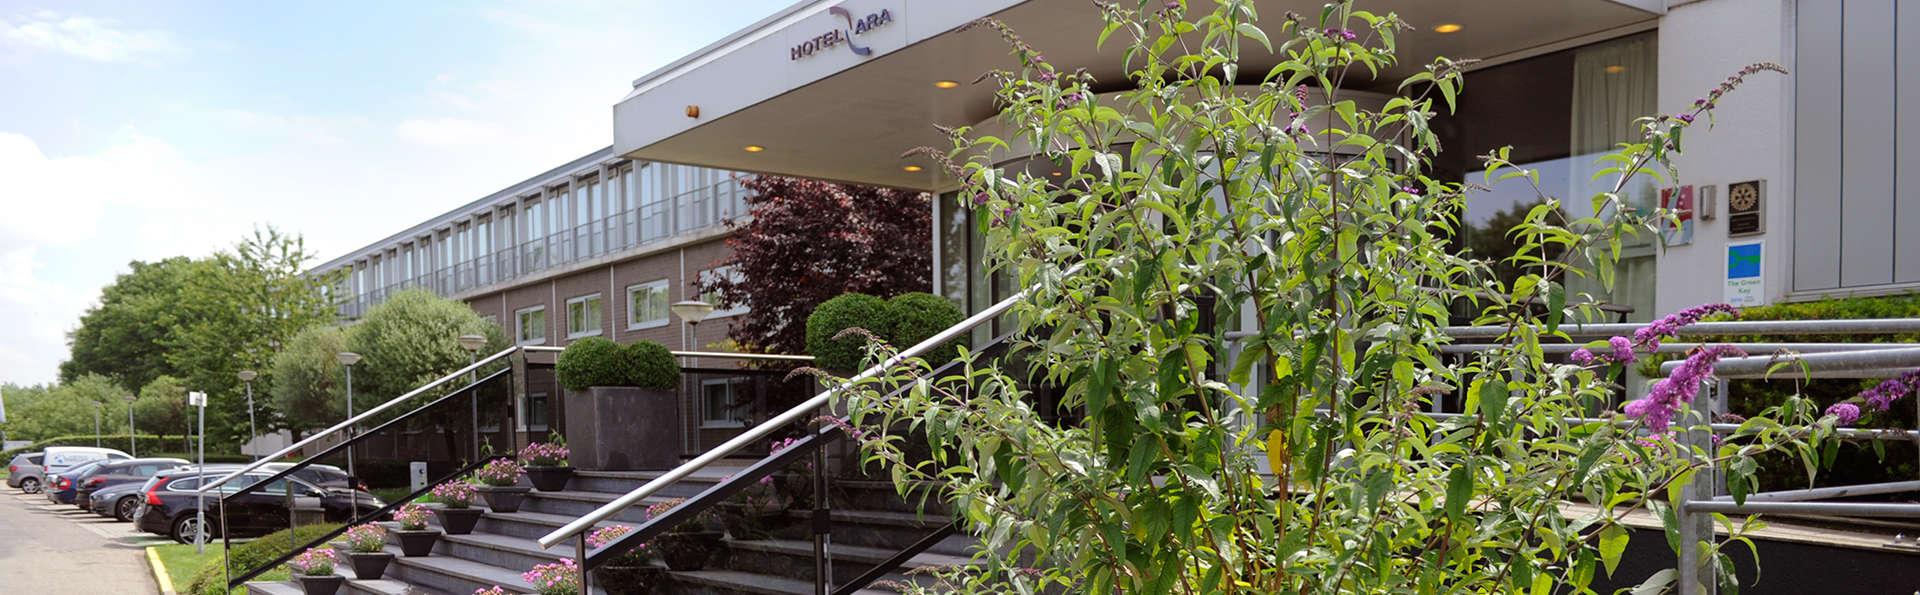 Van der Valk Hotel ARA  - edit_facade.jpg